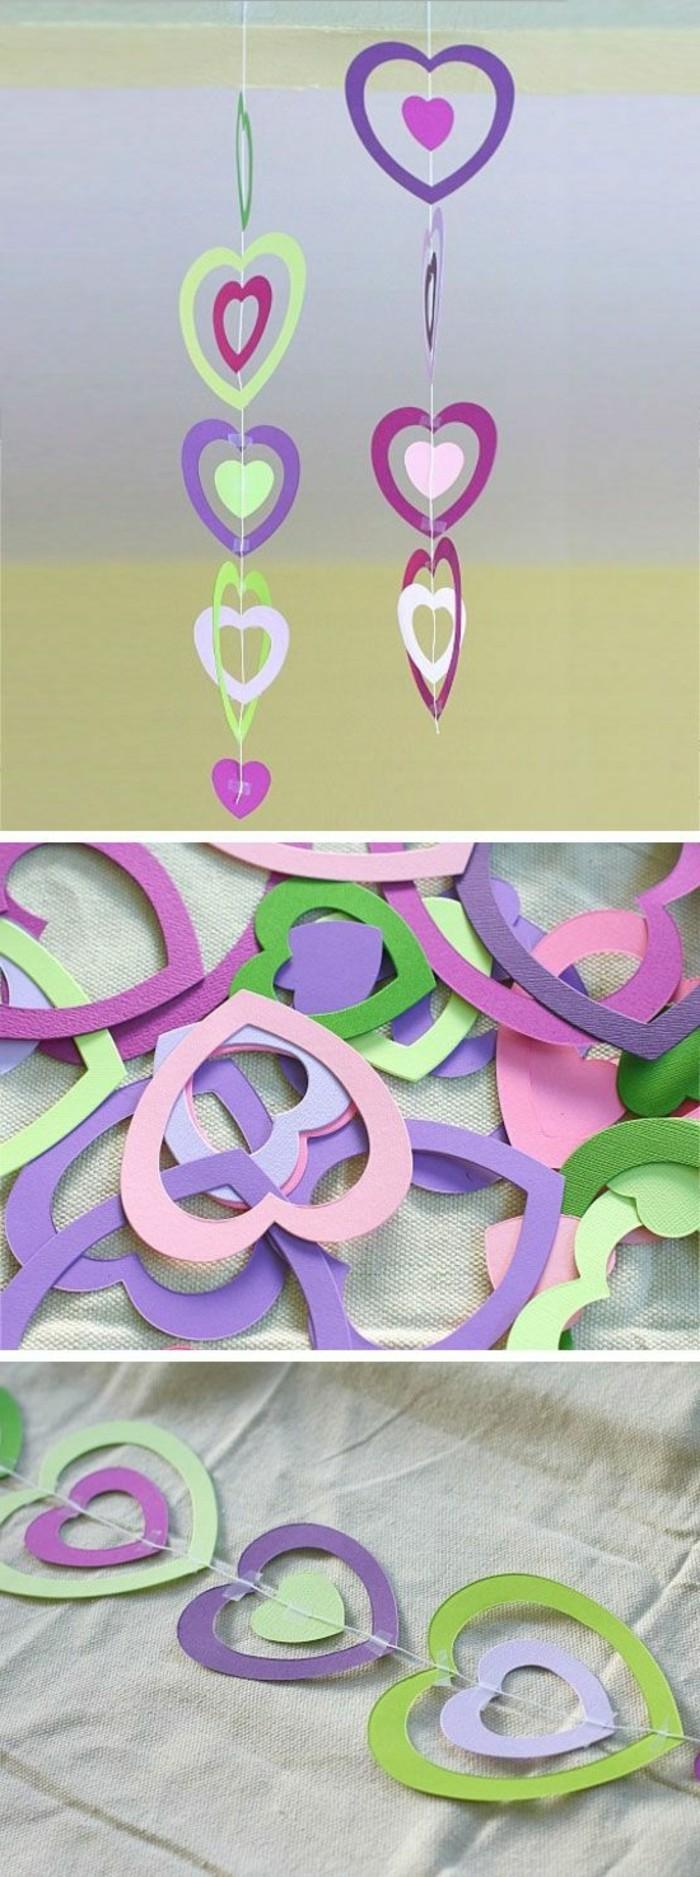 ghirlanda-carta-colorata-forma-cuore-idea-regalo-san-valentino-attivita-manuale